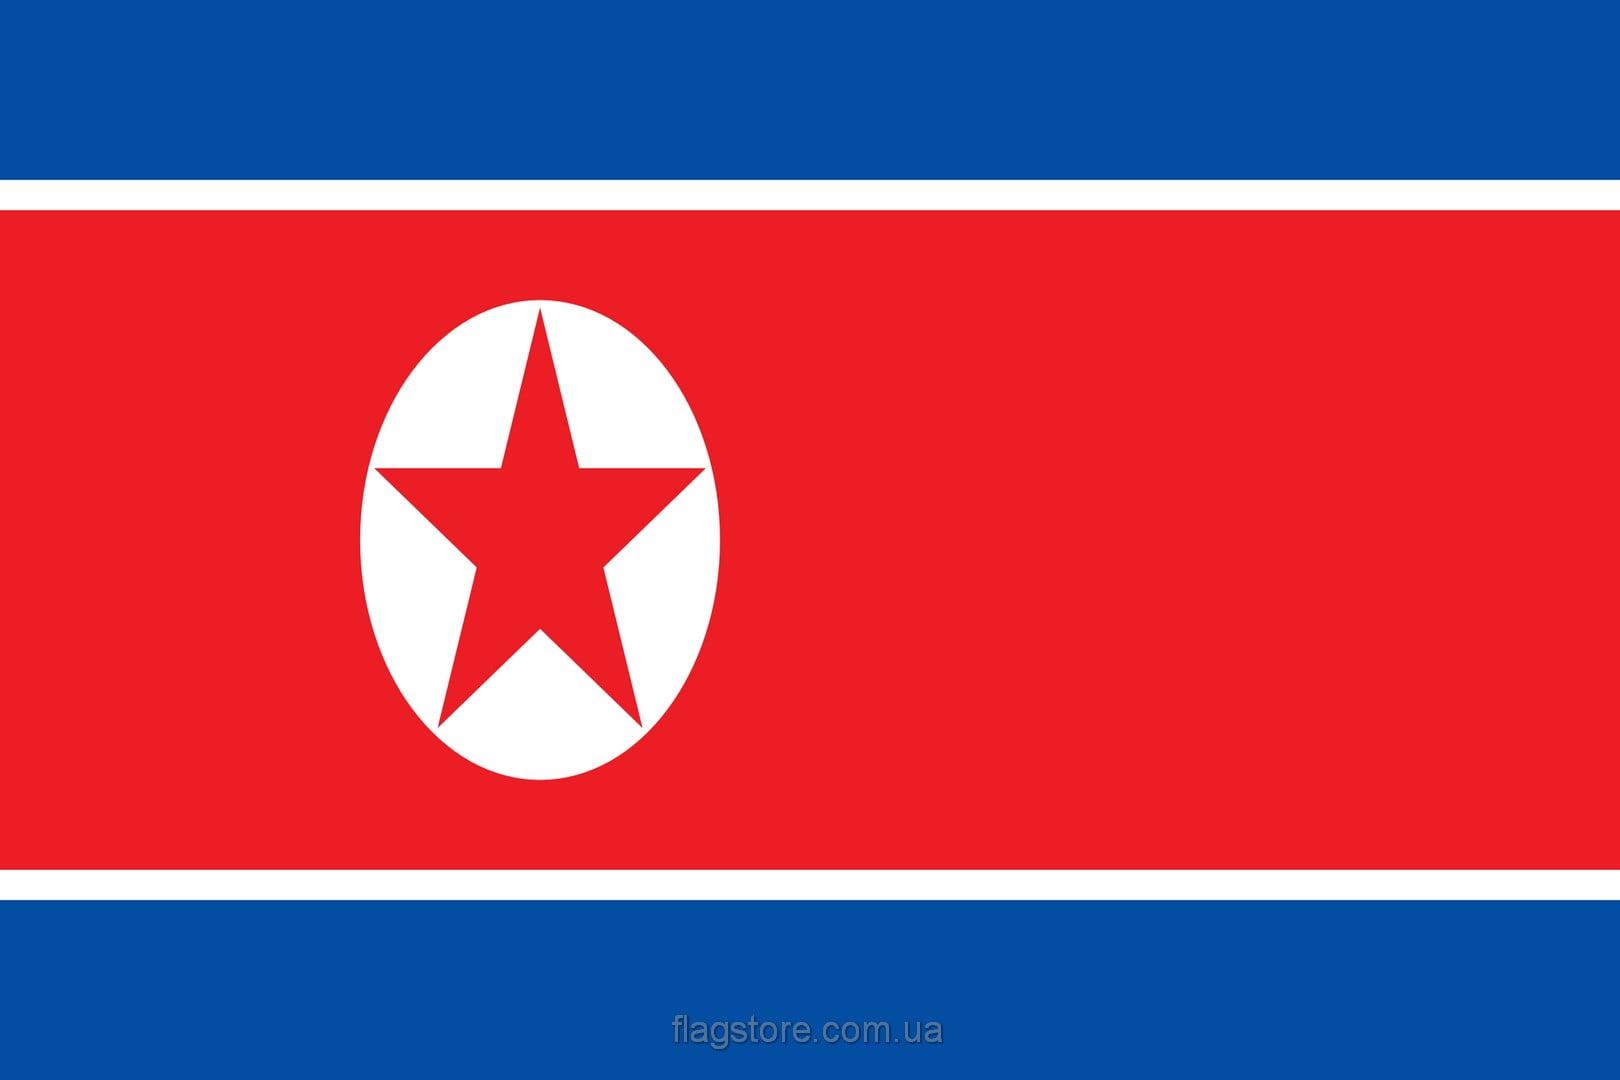 Купить флаг КНДР (страны Северная Корея)